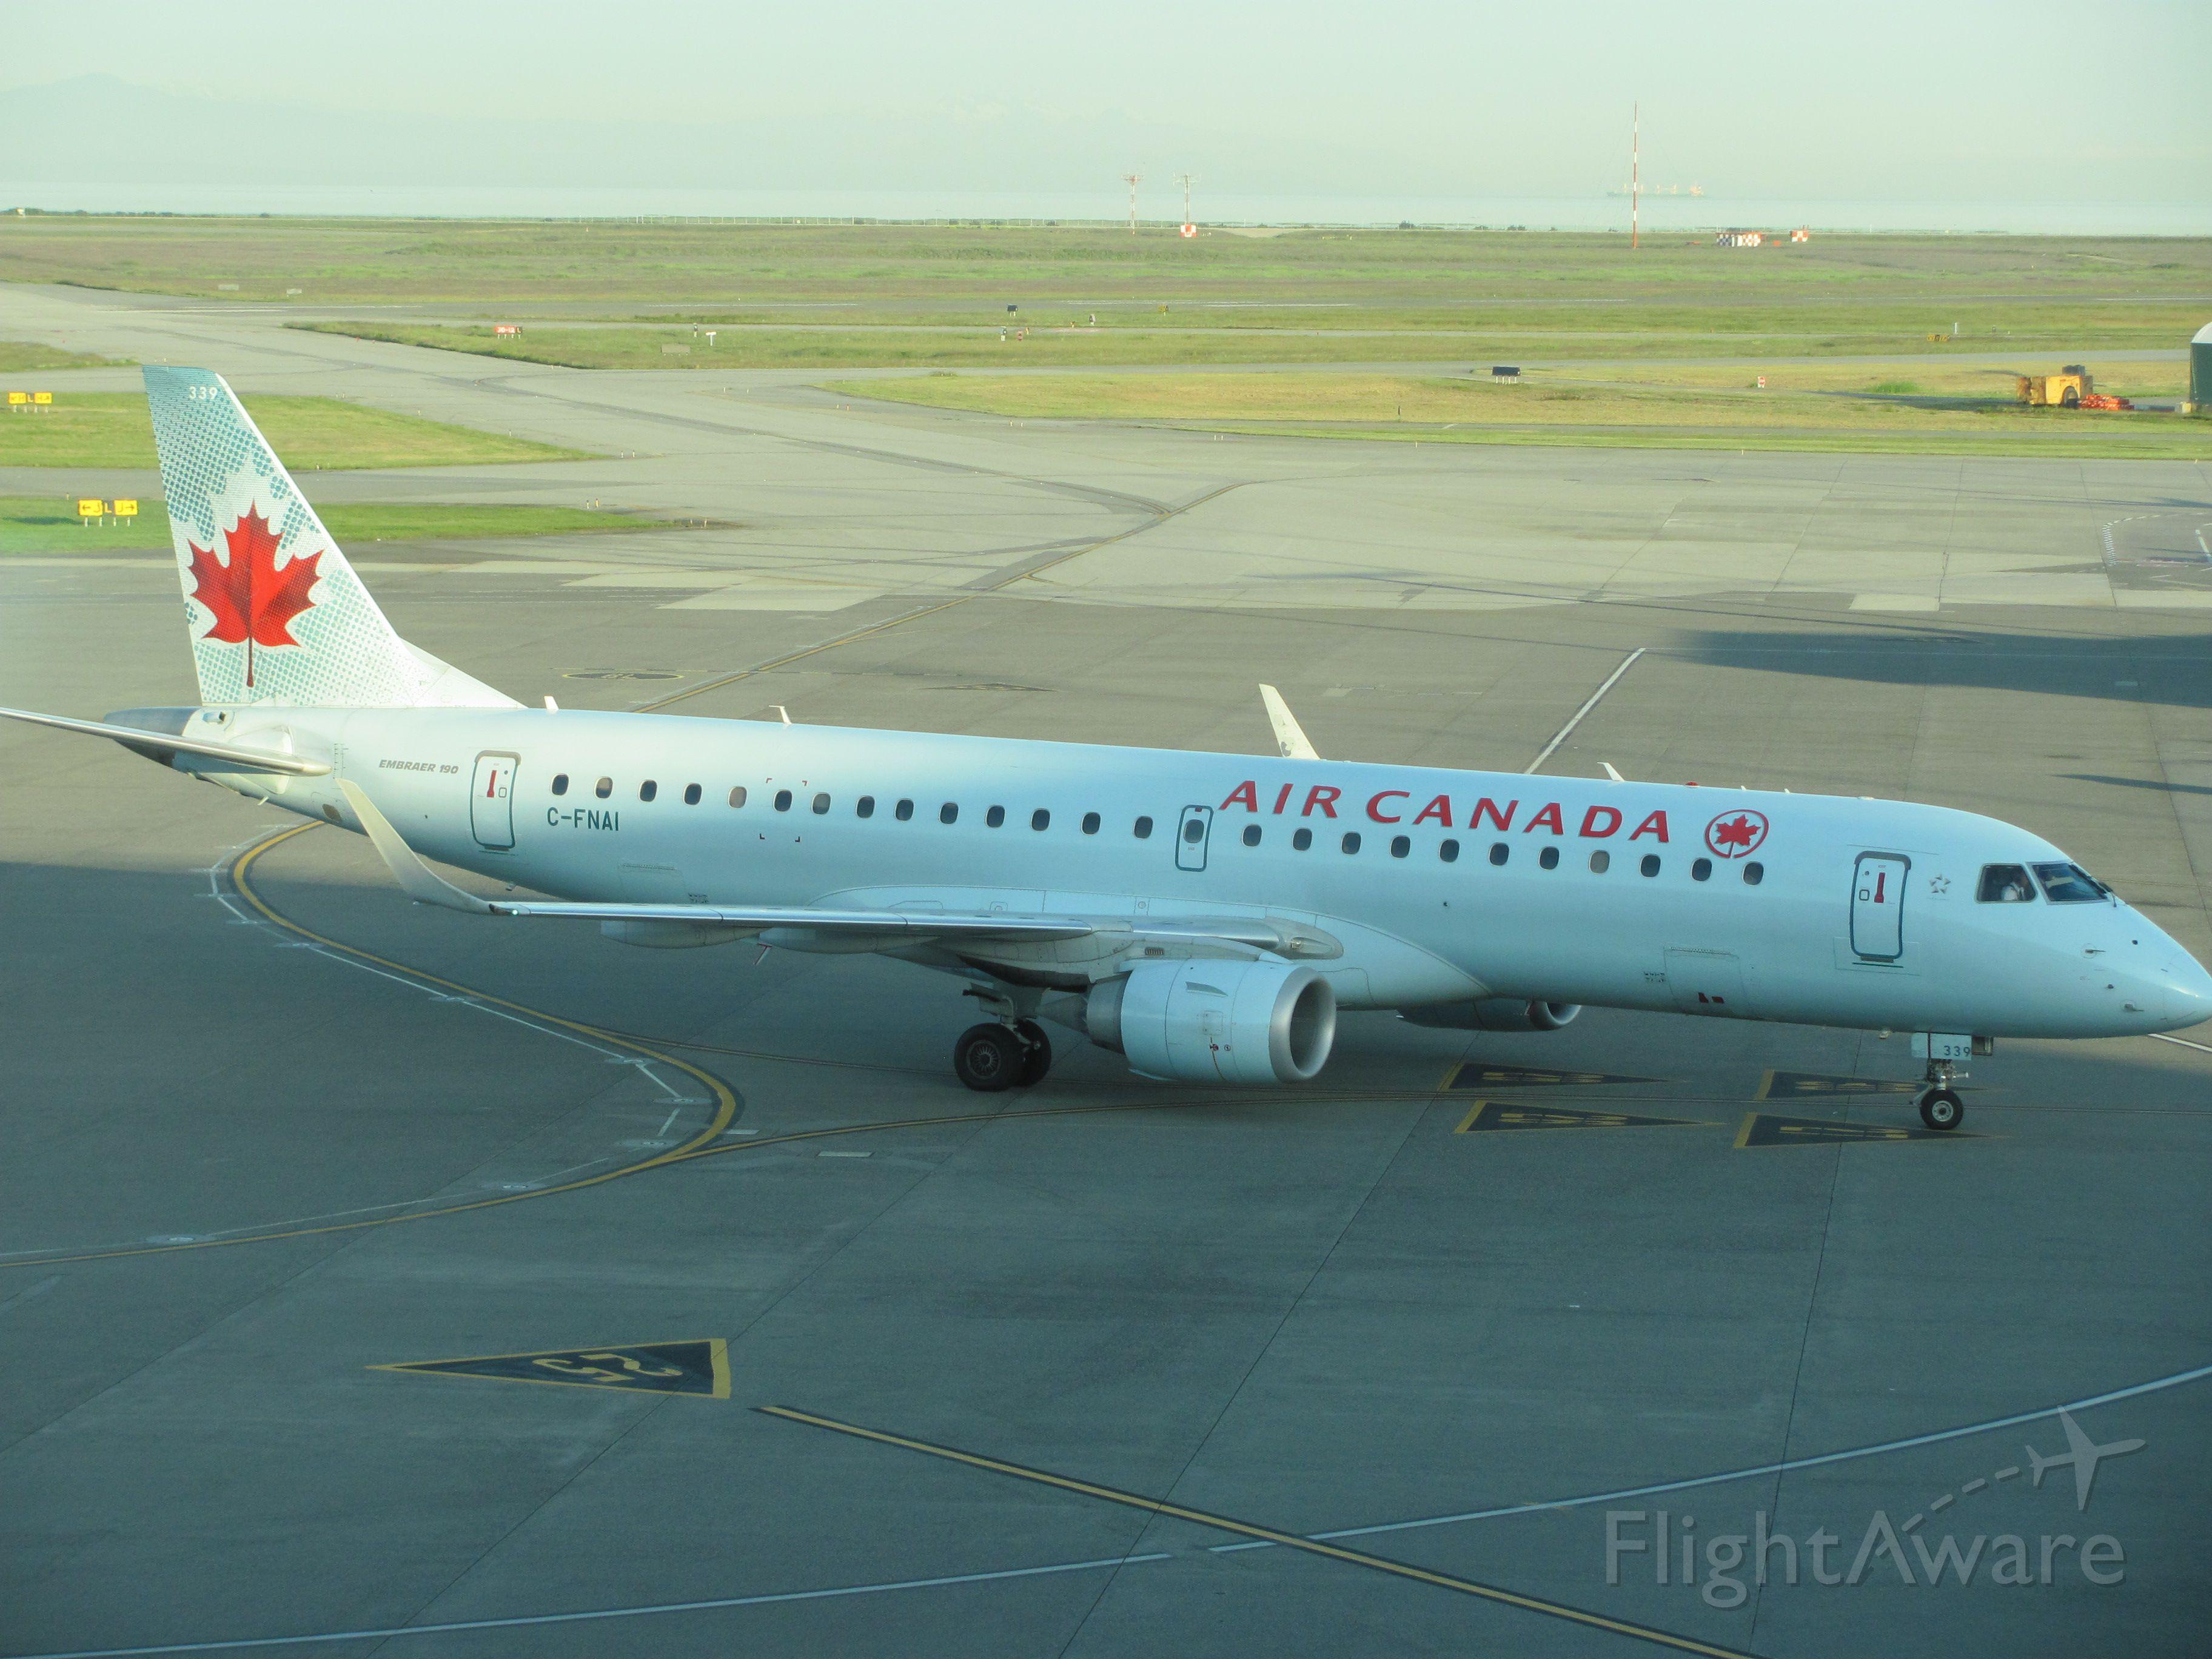 Embraer ERJ-190 (C-FNAI)